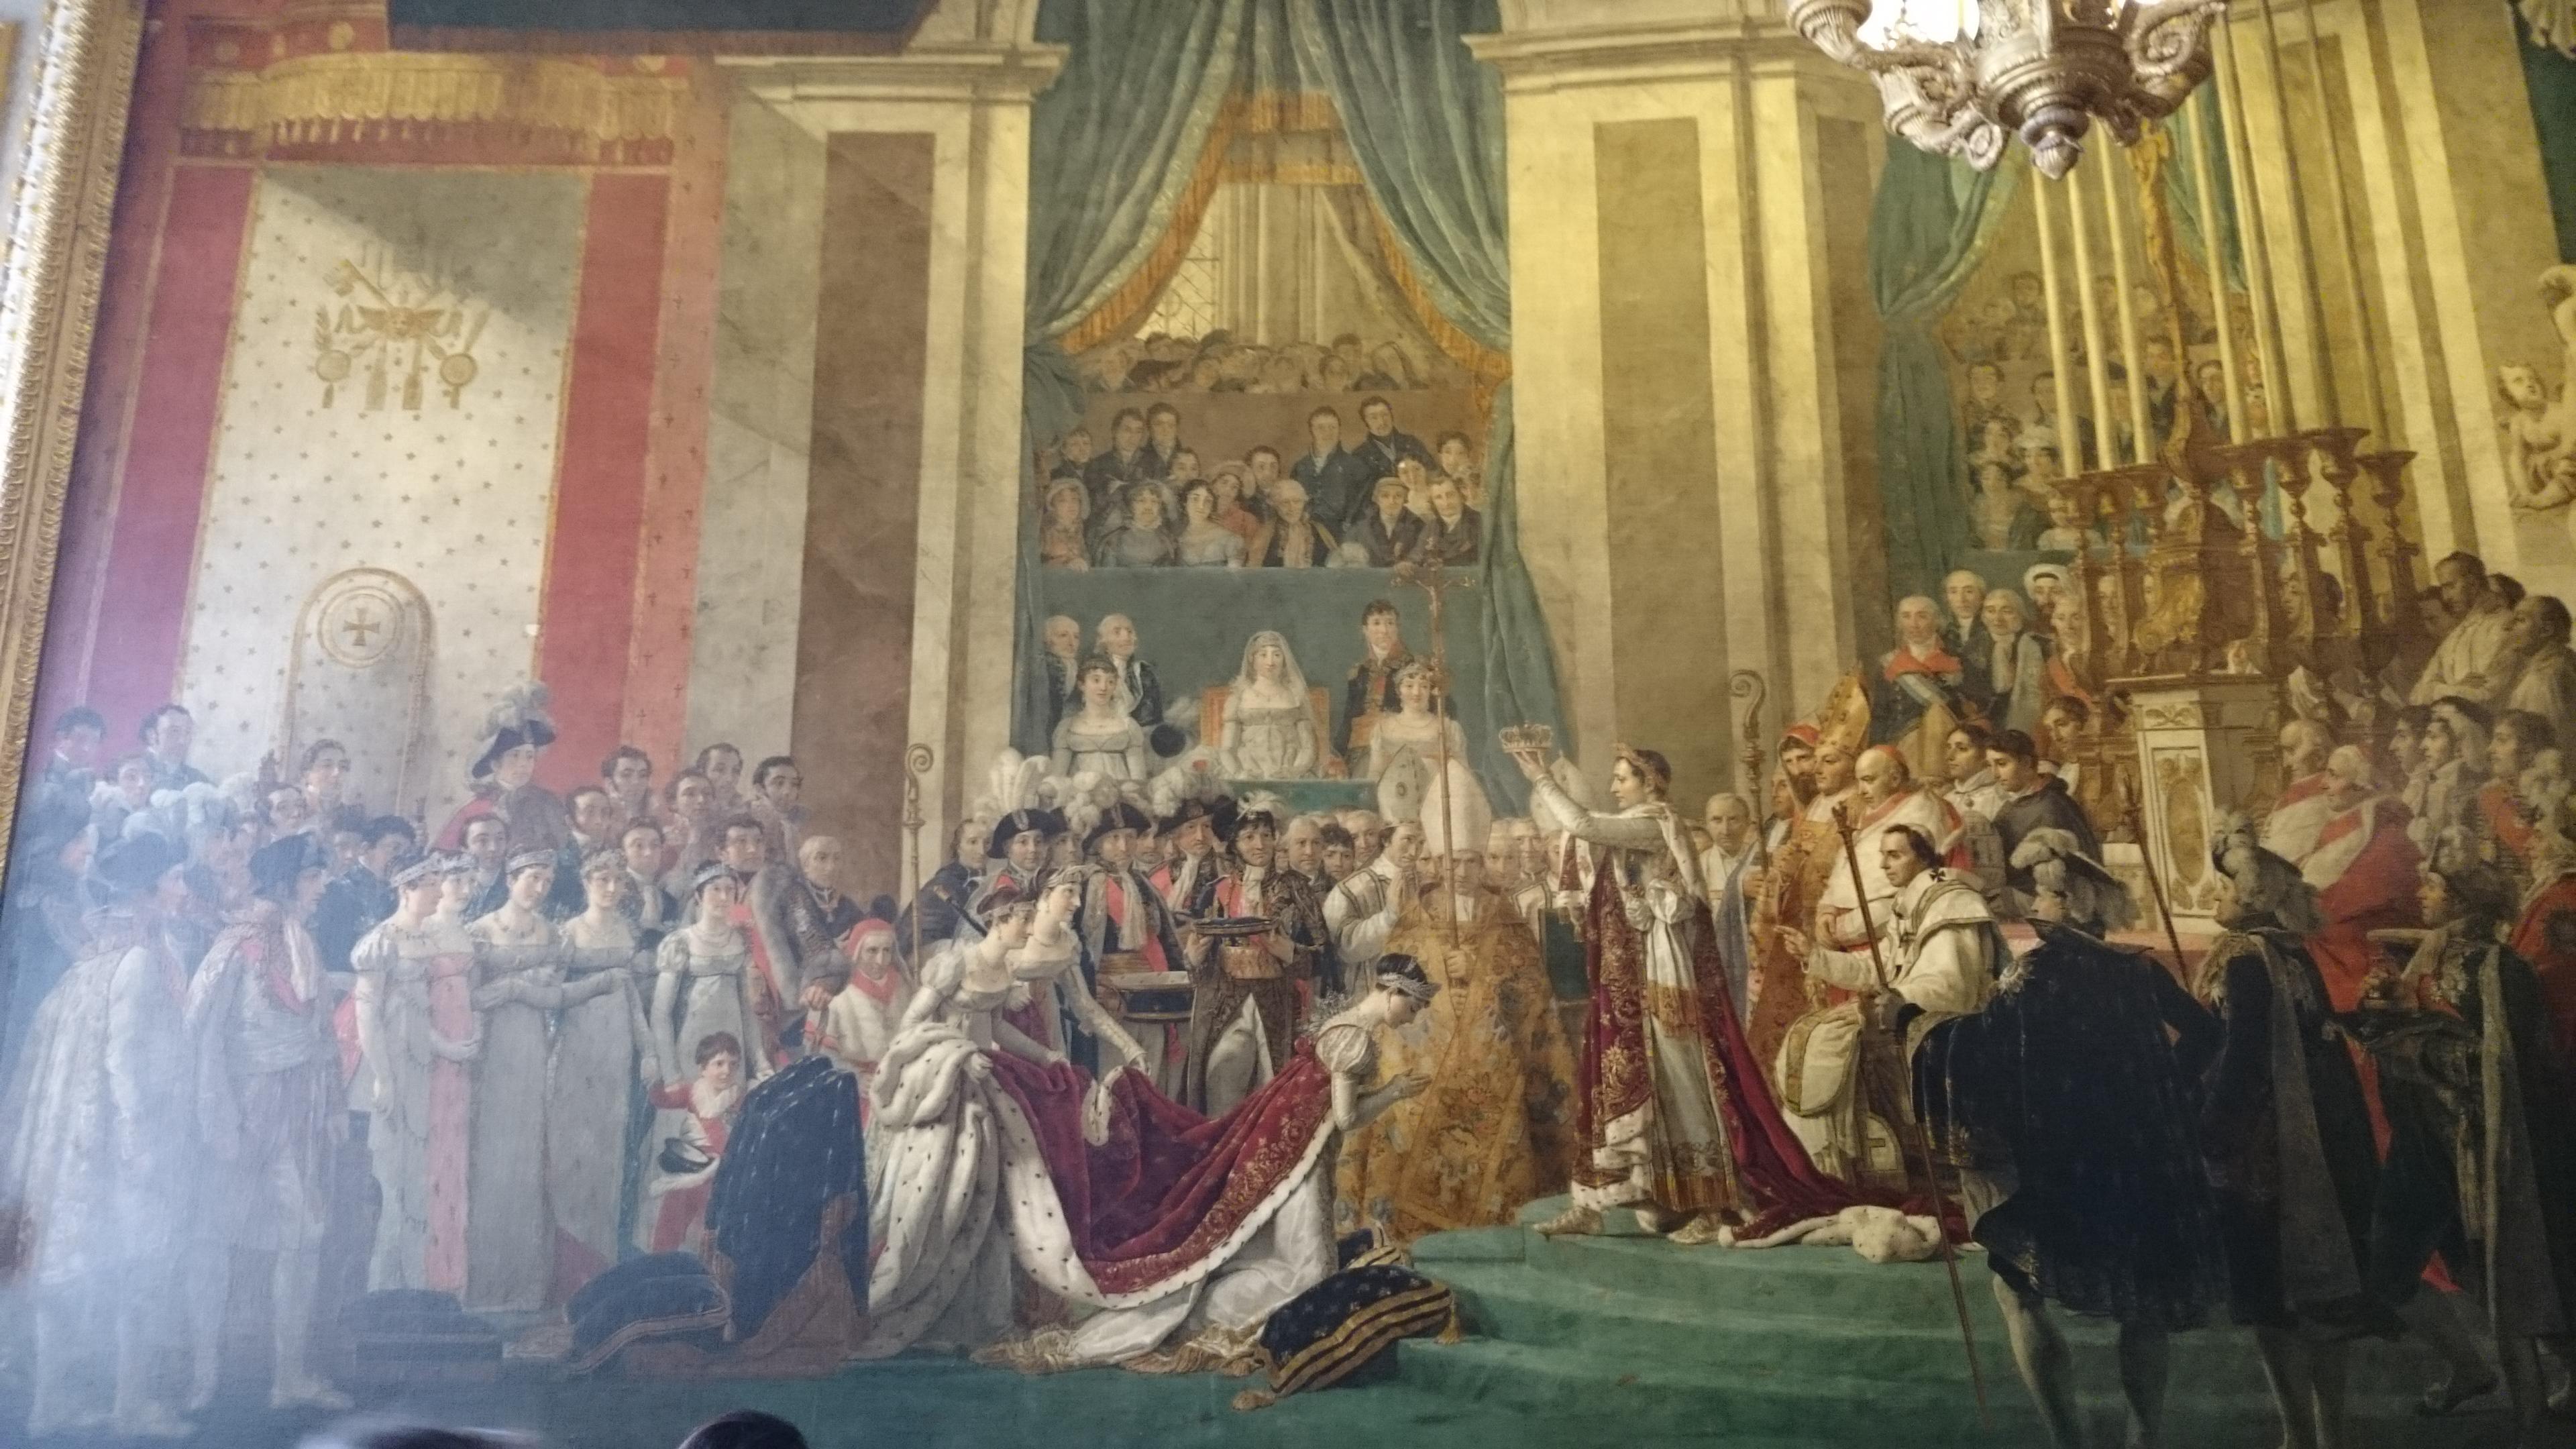 dsc 14101 - Visita al Palacio de Versalles: Como ir, cuanto cuesta y tips III/III